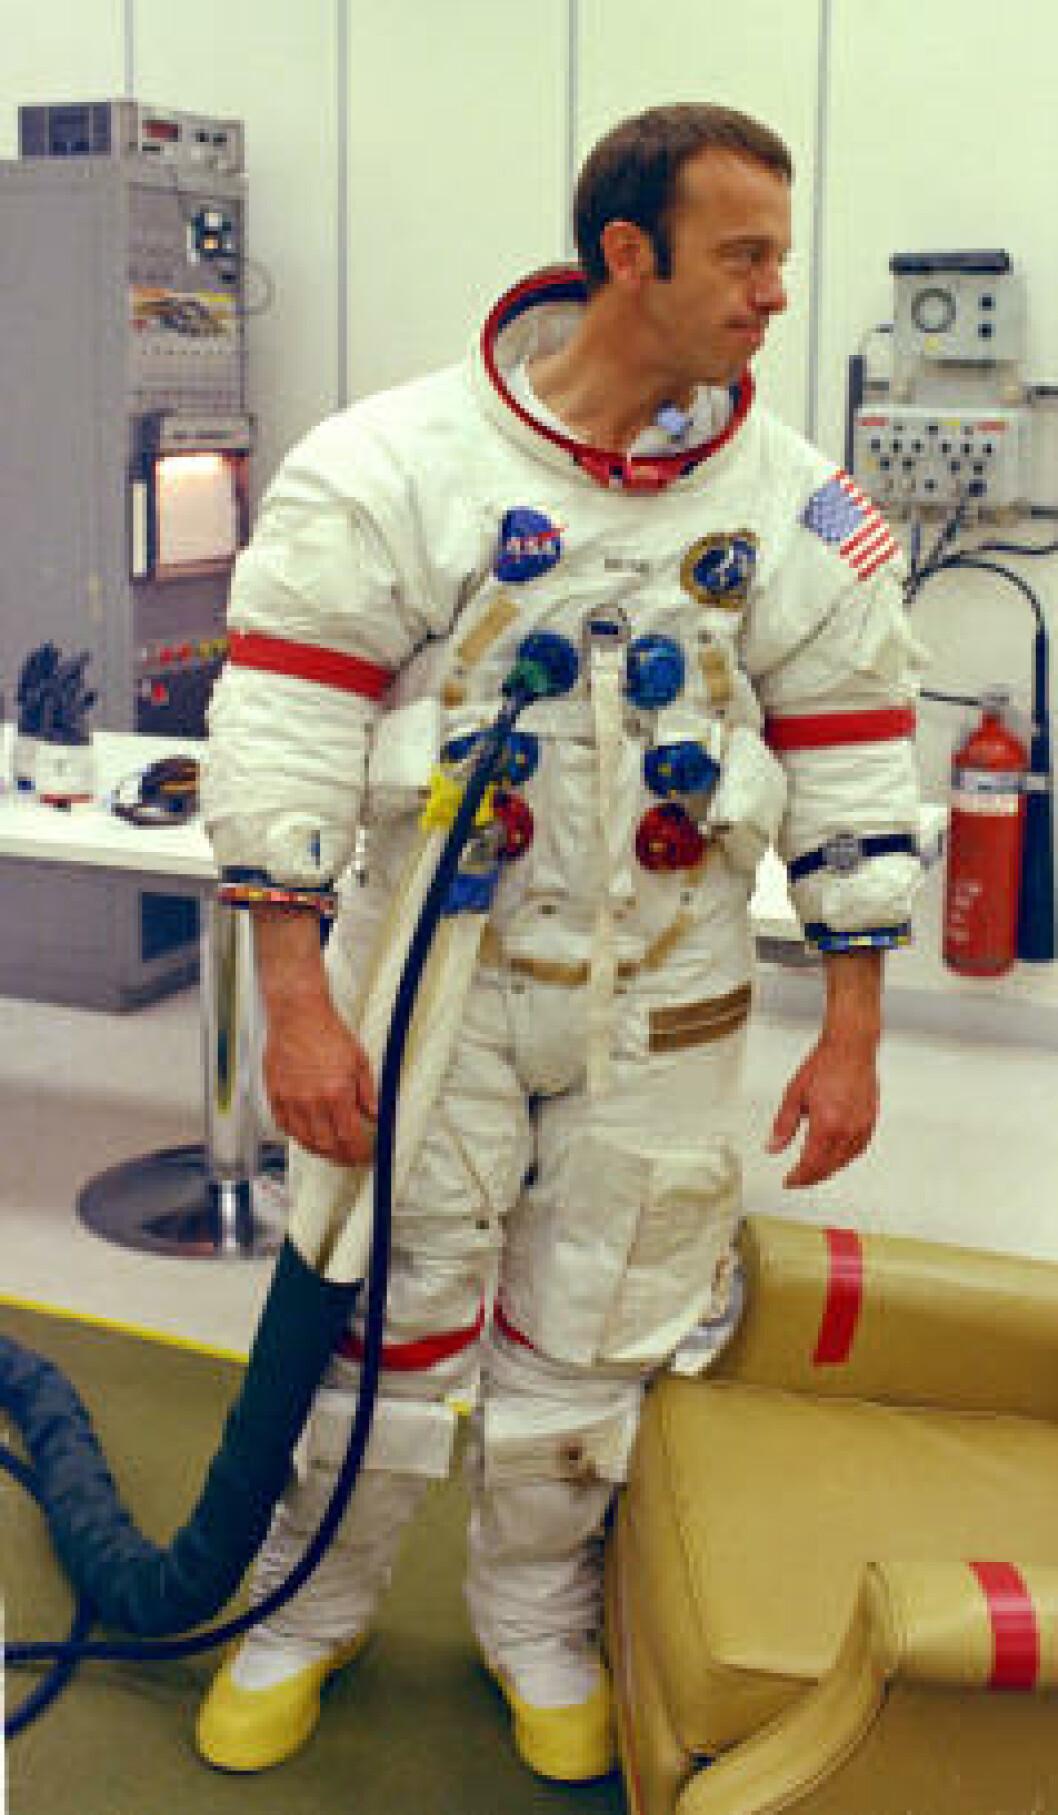 <strong>PROSJEKT APOLLO:</strong> Alan Shepard sjekker drakta før han drar ut i rommet i 1971. Foto: NASA